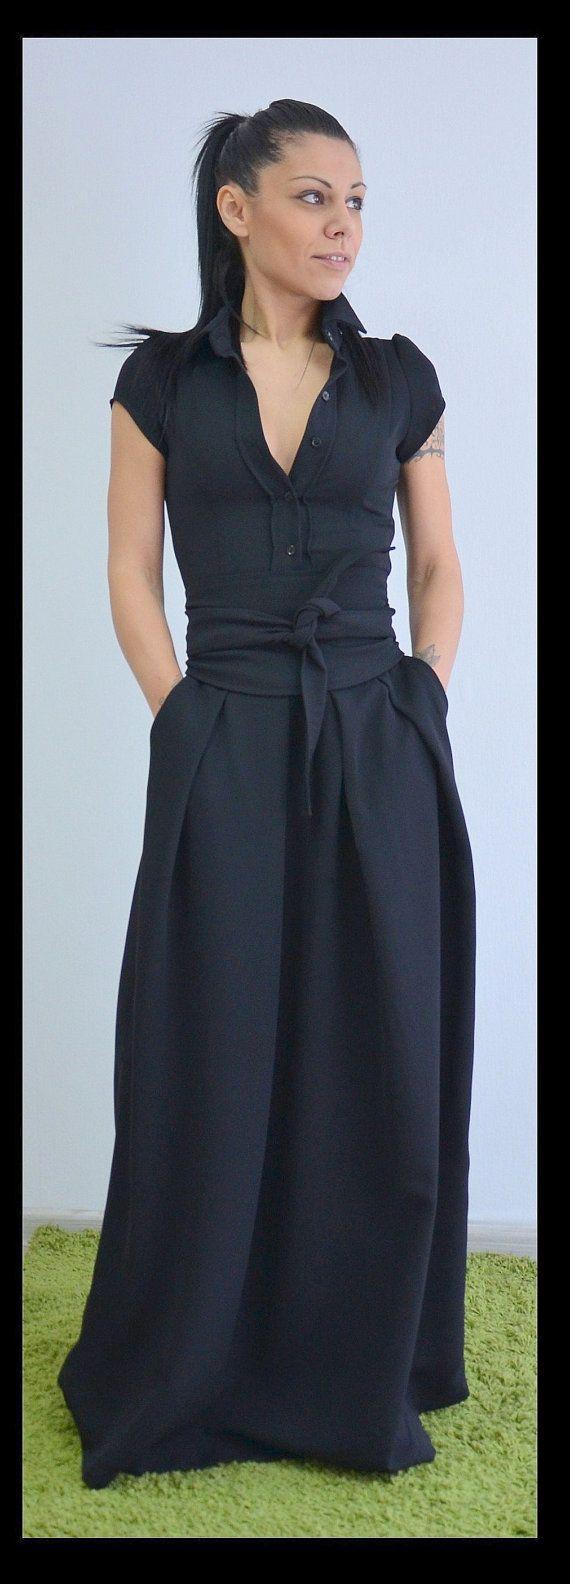 Langes schwarzes Kleid / Maxi Shirt Kleid / von ClothesByLockerRoom